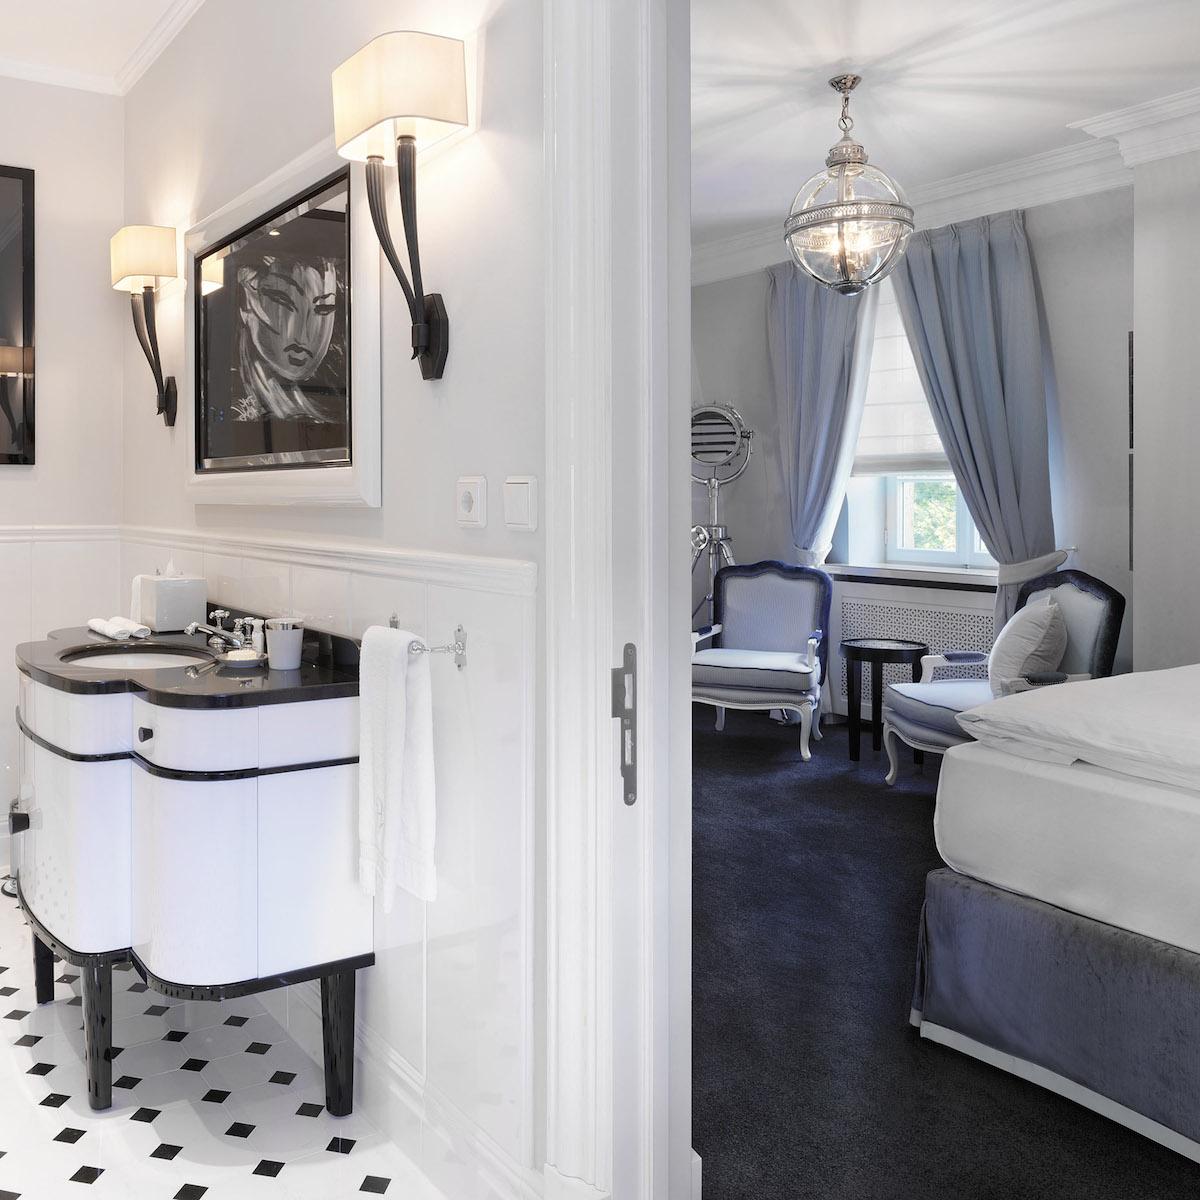 Patrick Hellmann Schlosshotel Berlin Grunewald_Offenes Badezimmer